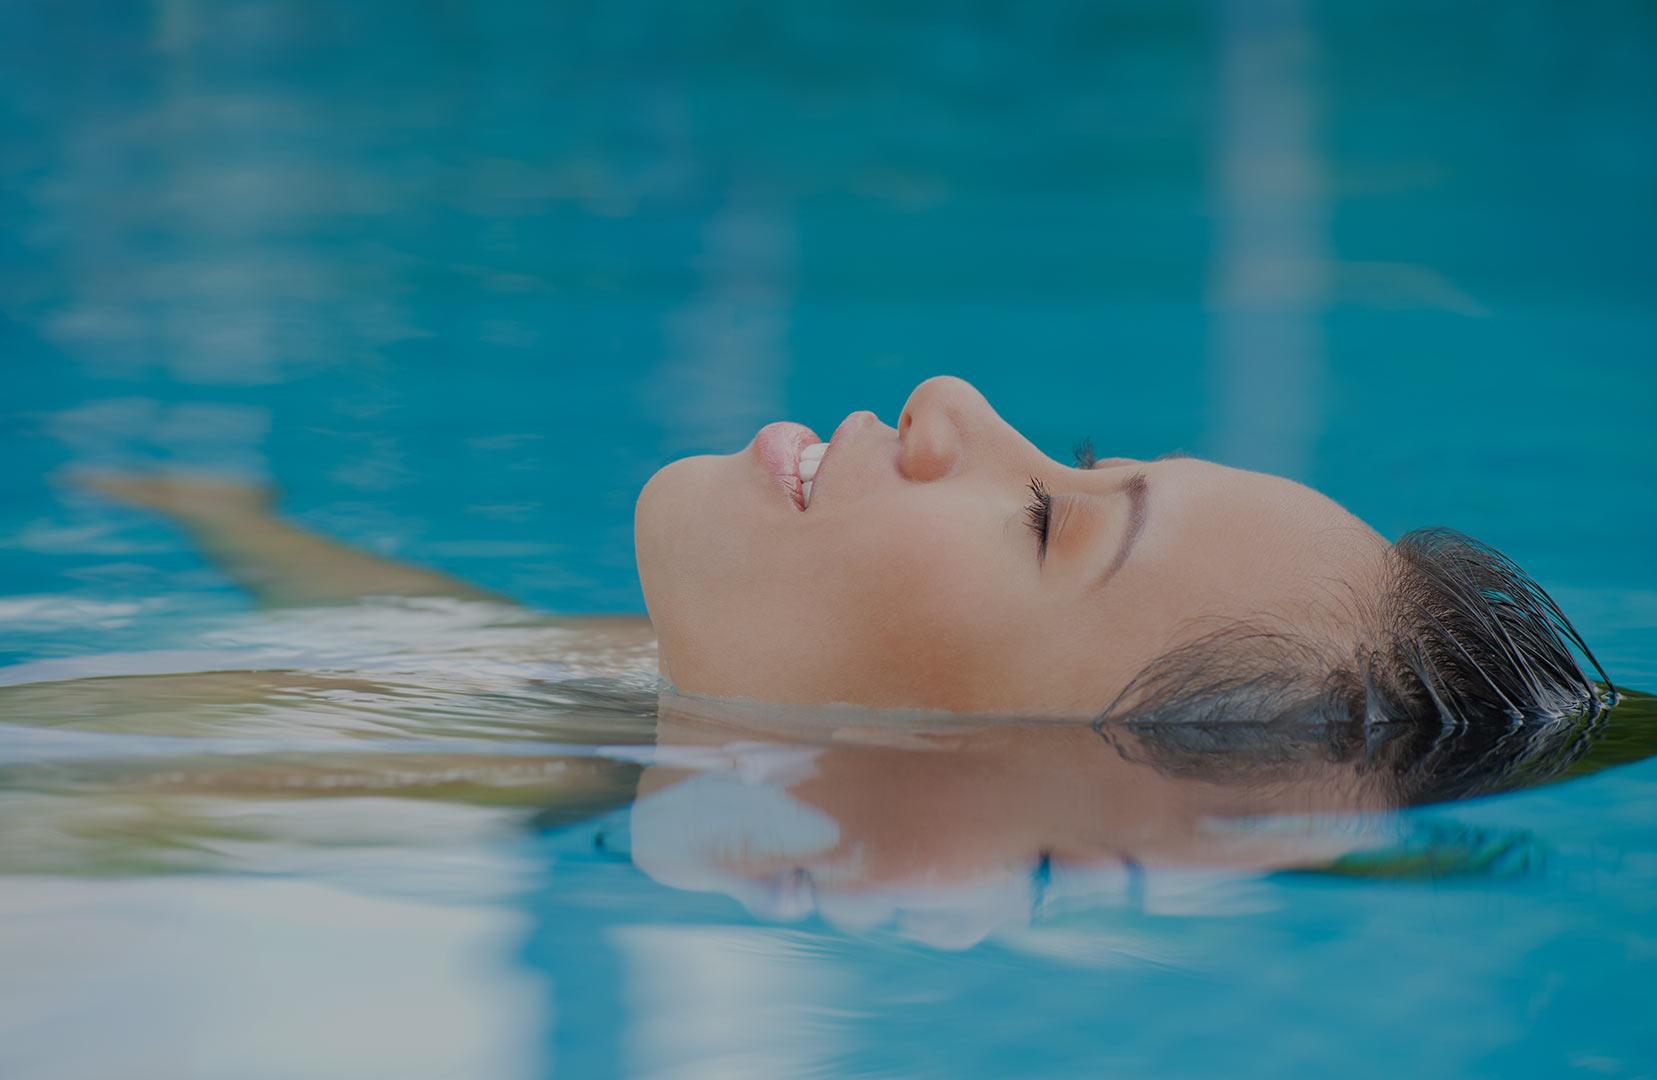 דלקת מפרקים טיפול במים – טיפול בהידרותרפיה